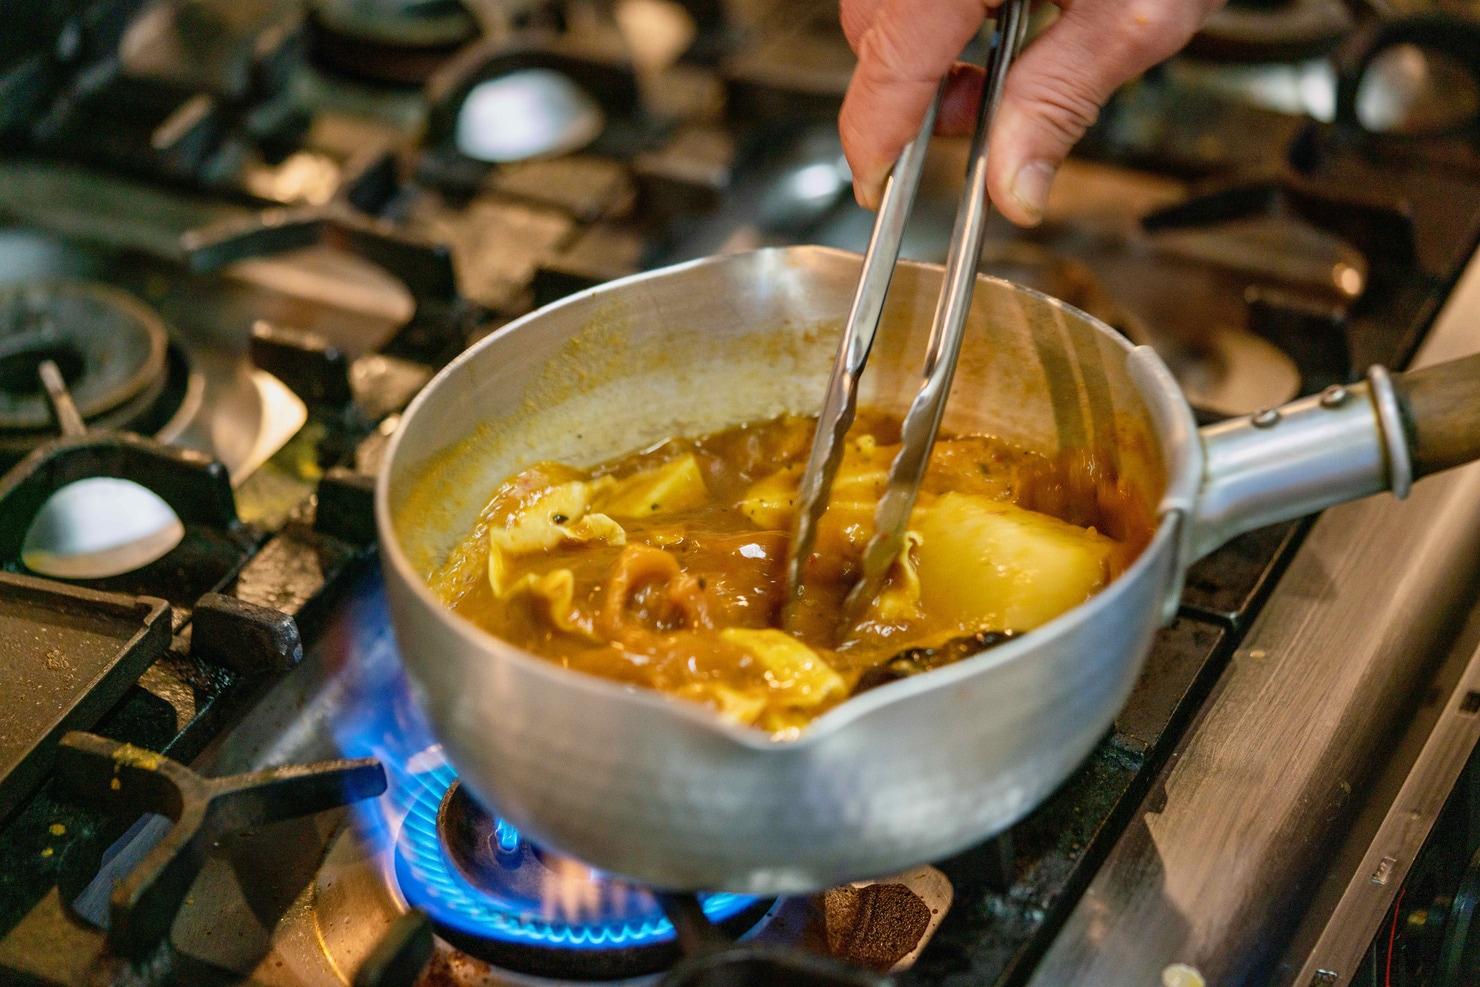 鍋で調理中の札幌名物スープカレー,札幌路地裏スープカリィ侍